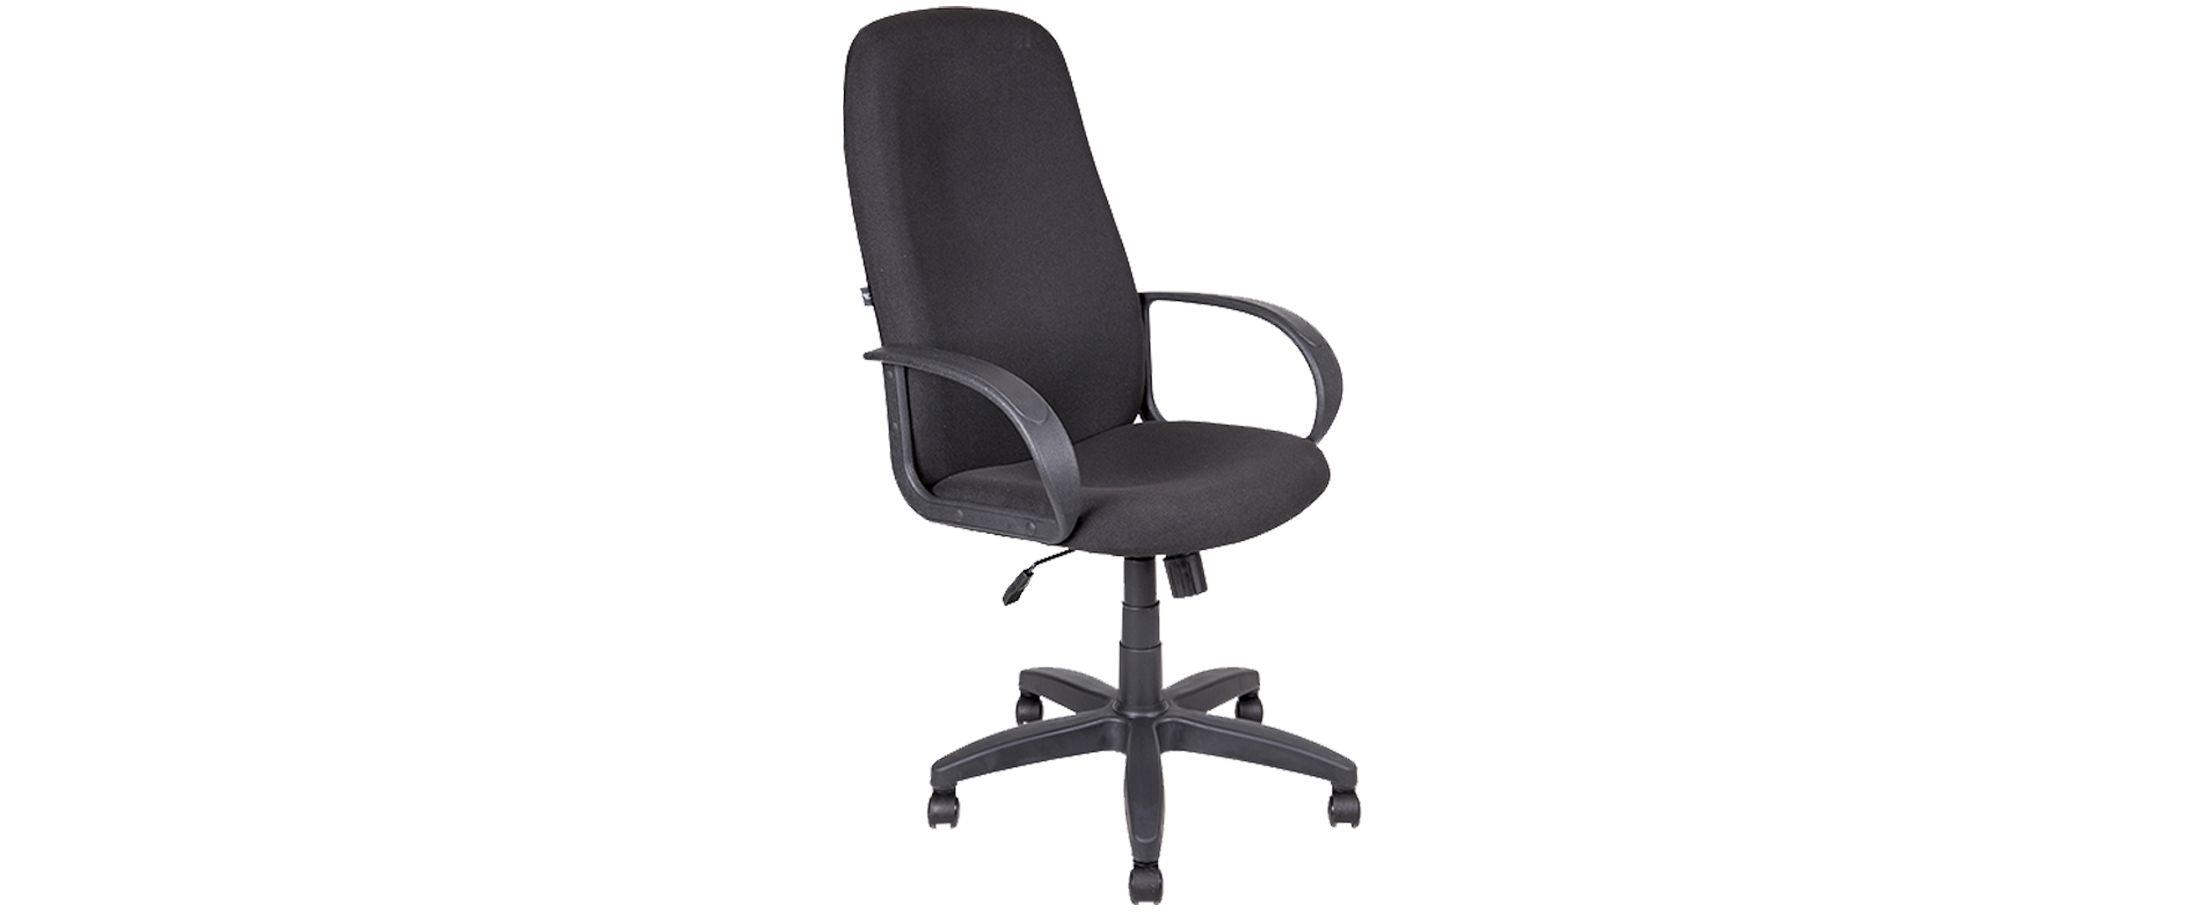 Кресло офисное AV 108 черное Модель 999 от MOON TRADE